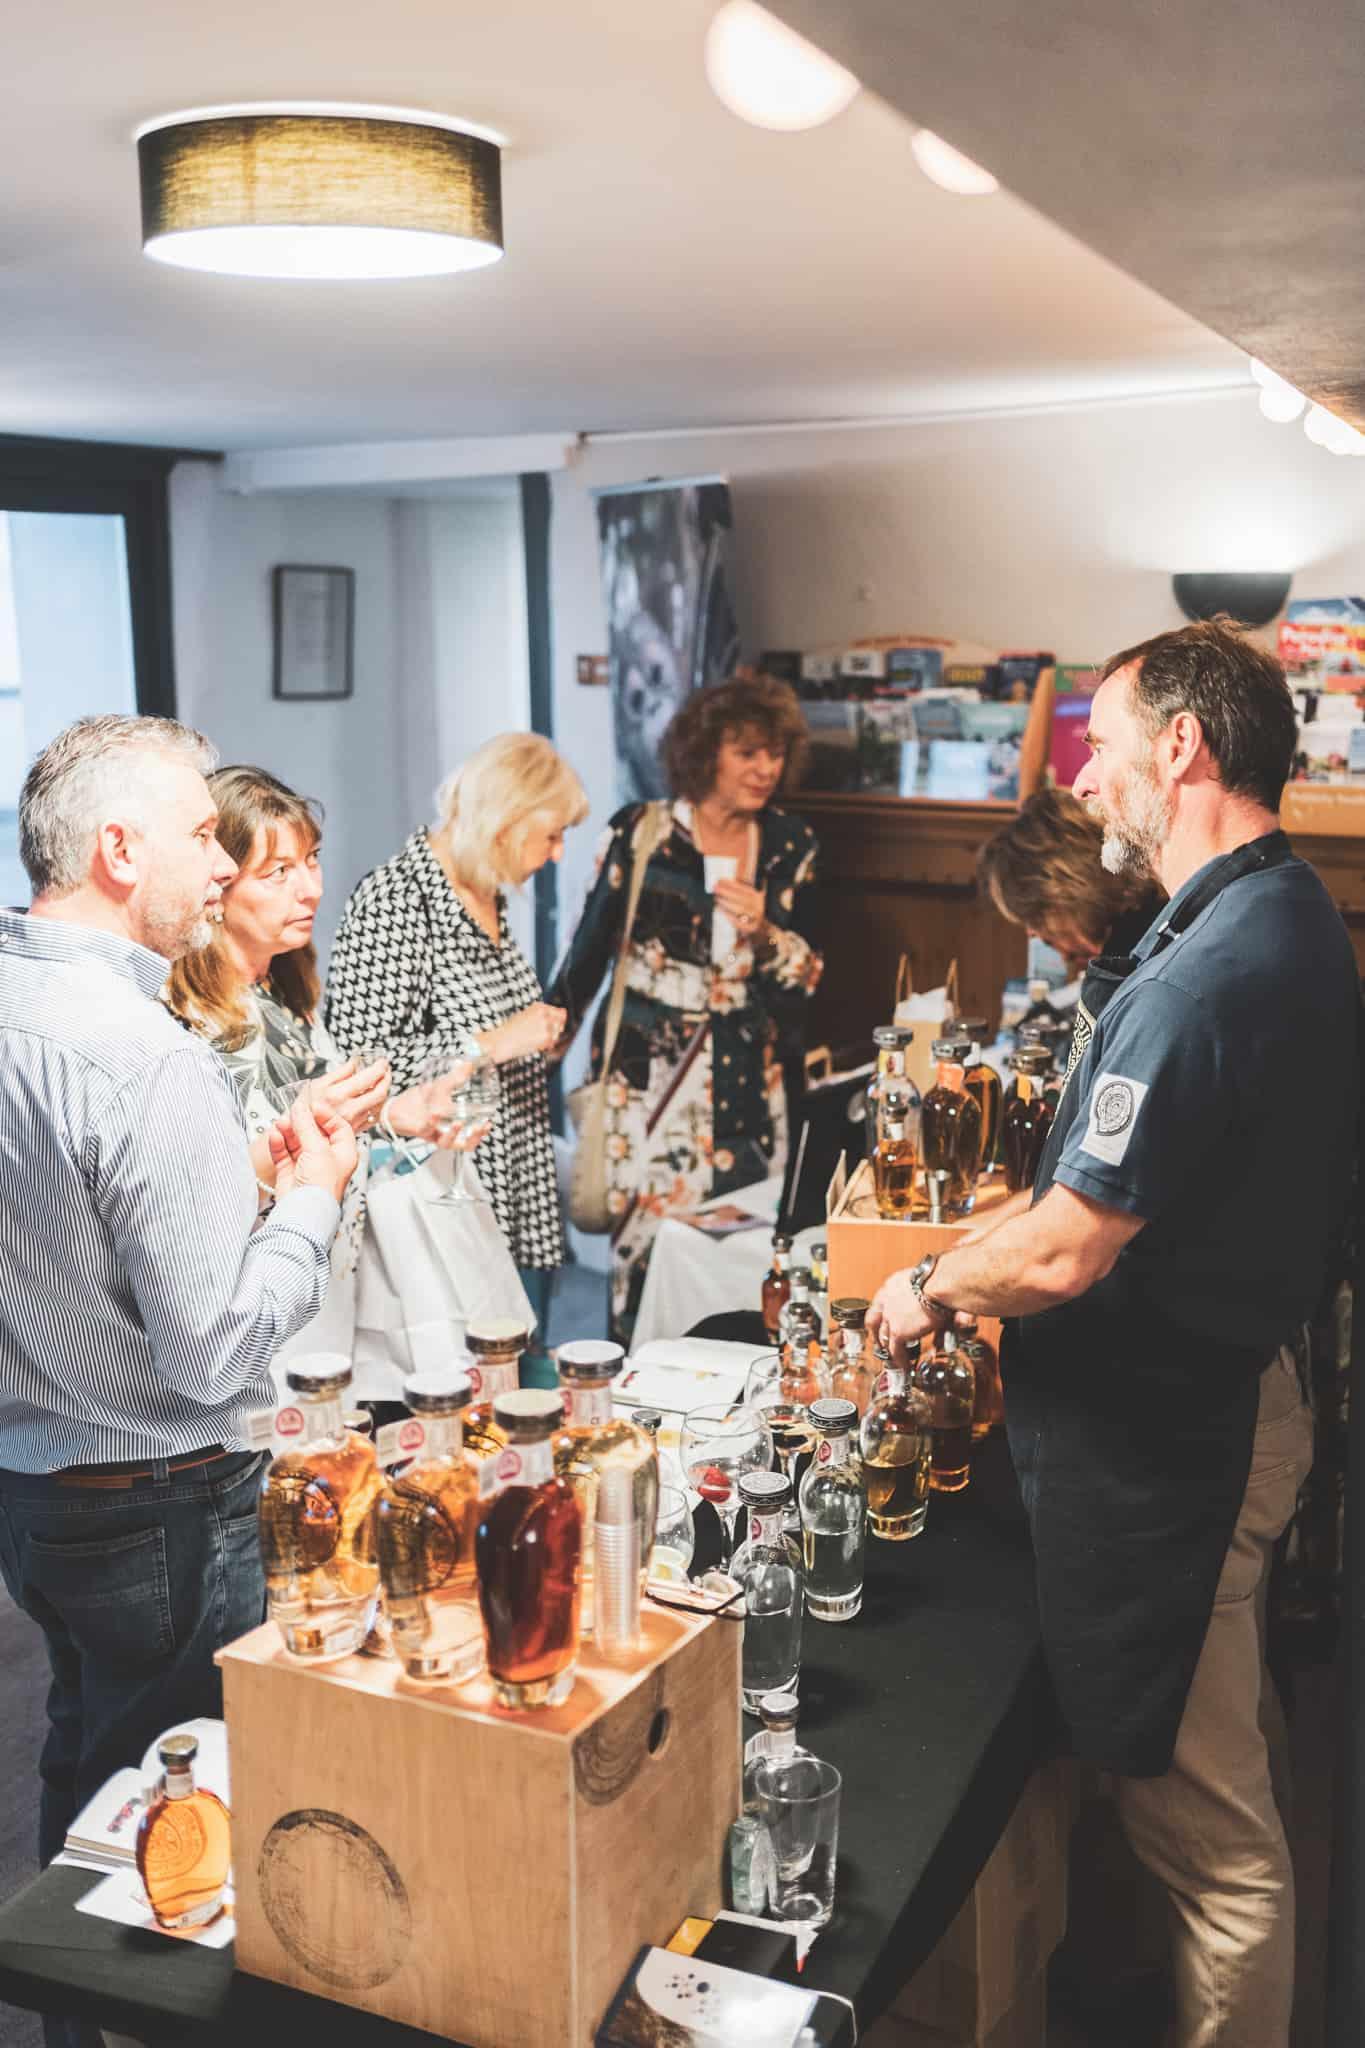 falmouth-festival-gin-at-the-greenbank-hotel-falmouth-cornwall